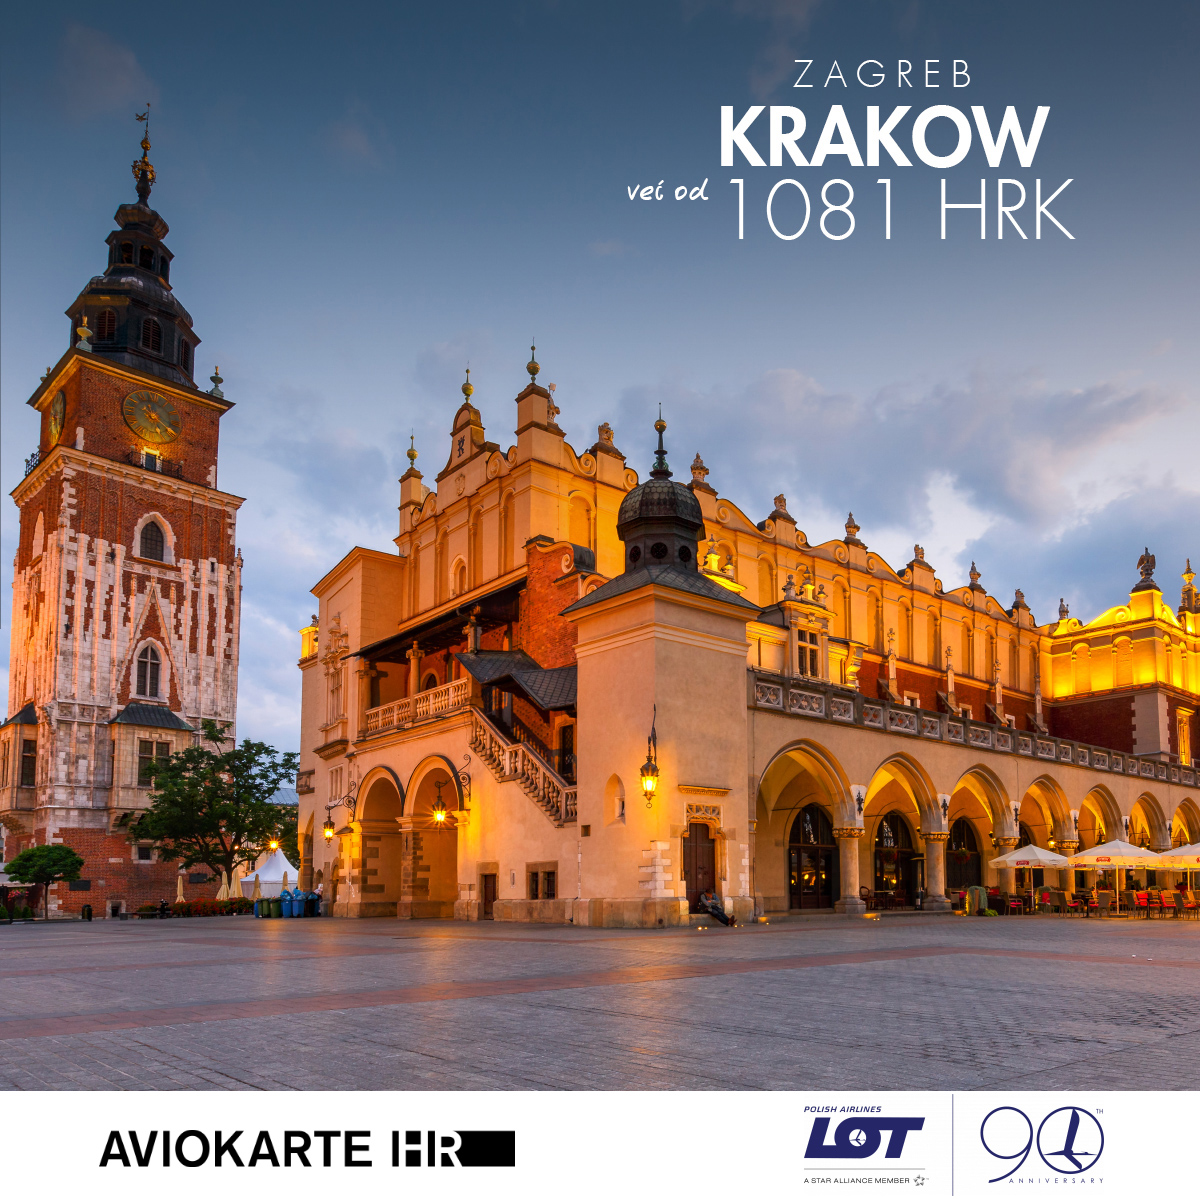 Krakov vizual, Krakov već od 1400 kuna, Krakov jeftine avio karte, putovanje za Krakov